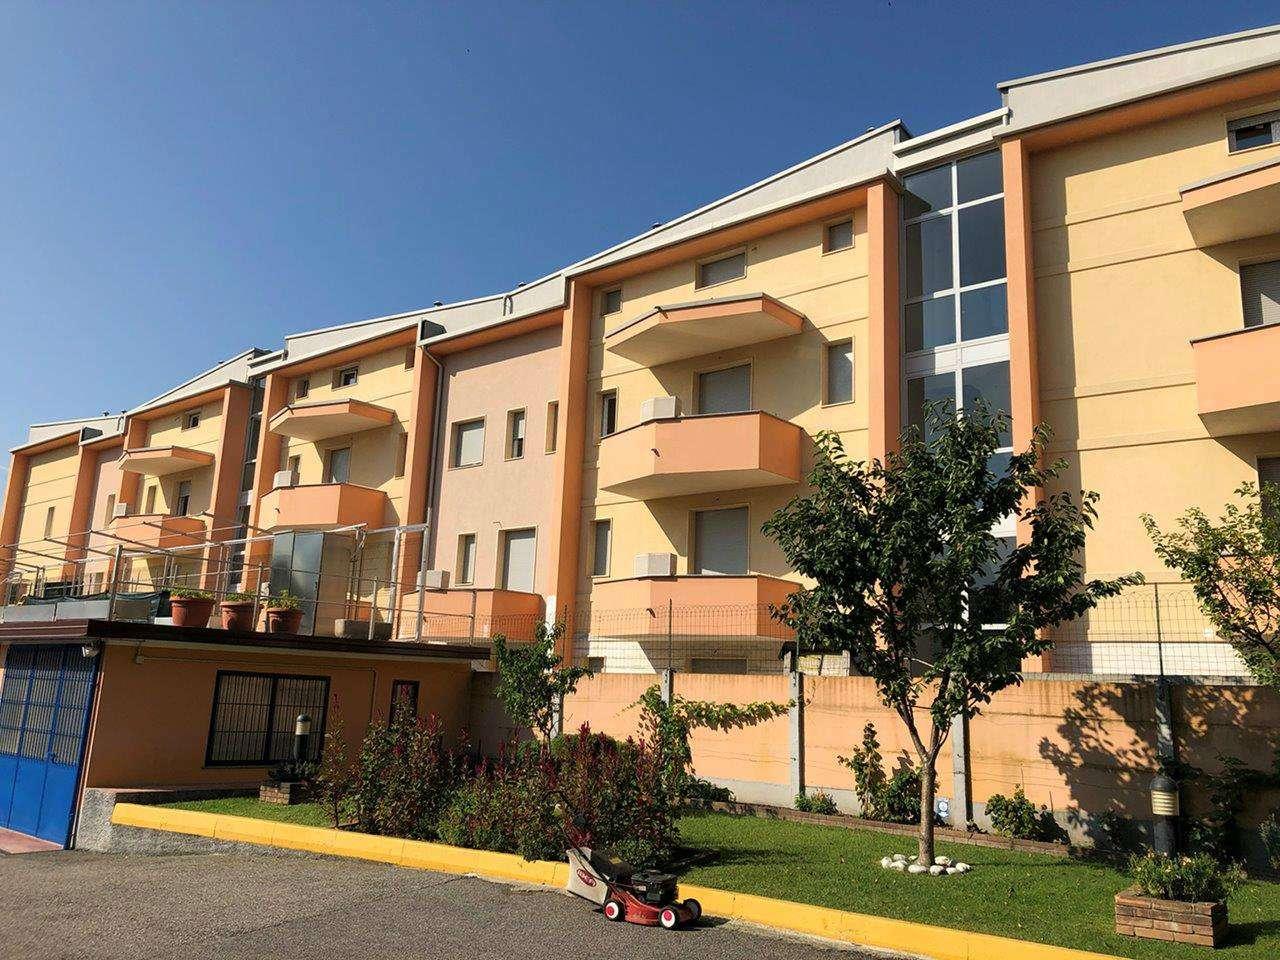 Appartamento in vendita a Muggiò, 3 locali, prezzo € 210.000 | PortaleAgenzieImmobiliari.it